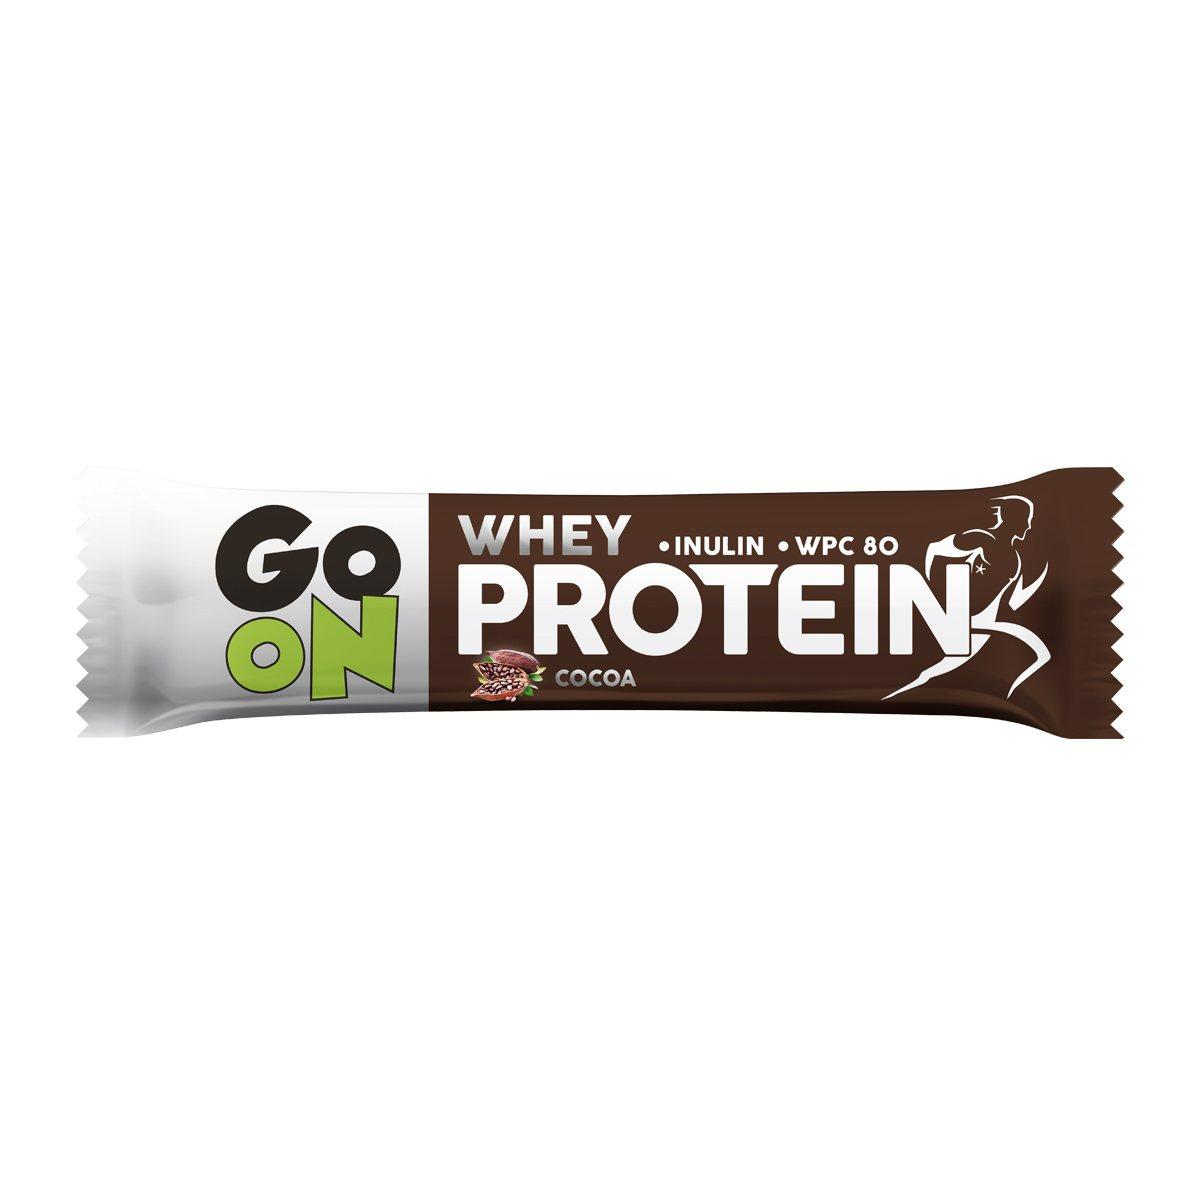 Vieste Proteinová tyčinka s příchutí kakaa 50 g